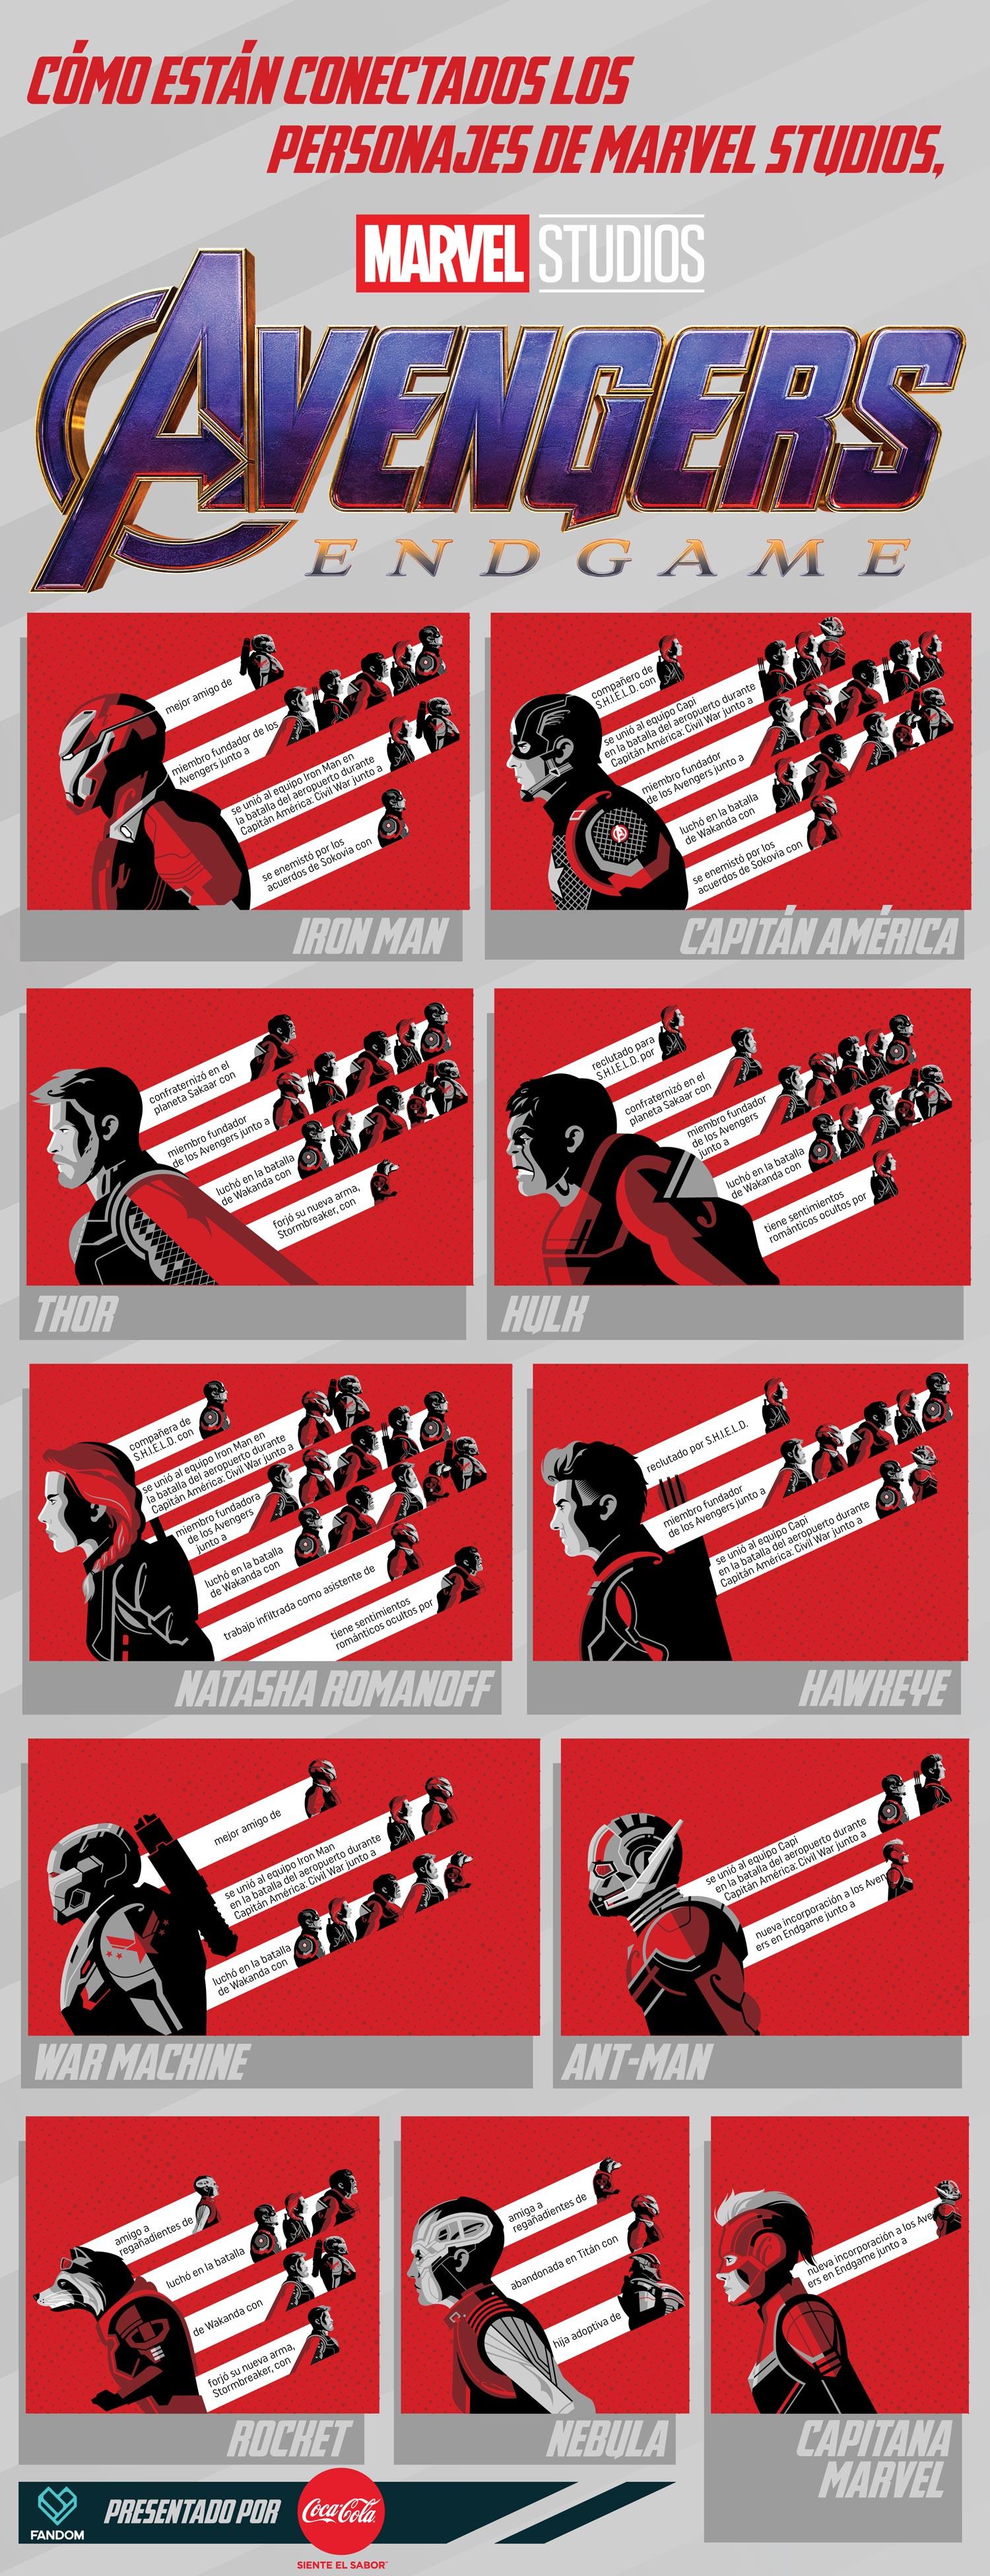 Brian Linder/Cómo están conectados los personajes de Marvel Studios, Avengers: Endgame